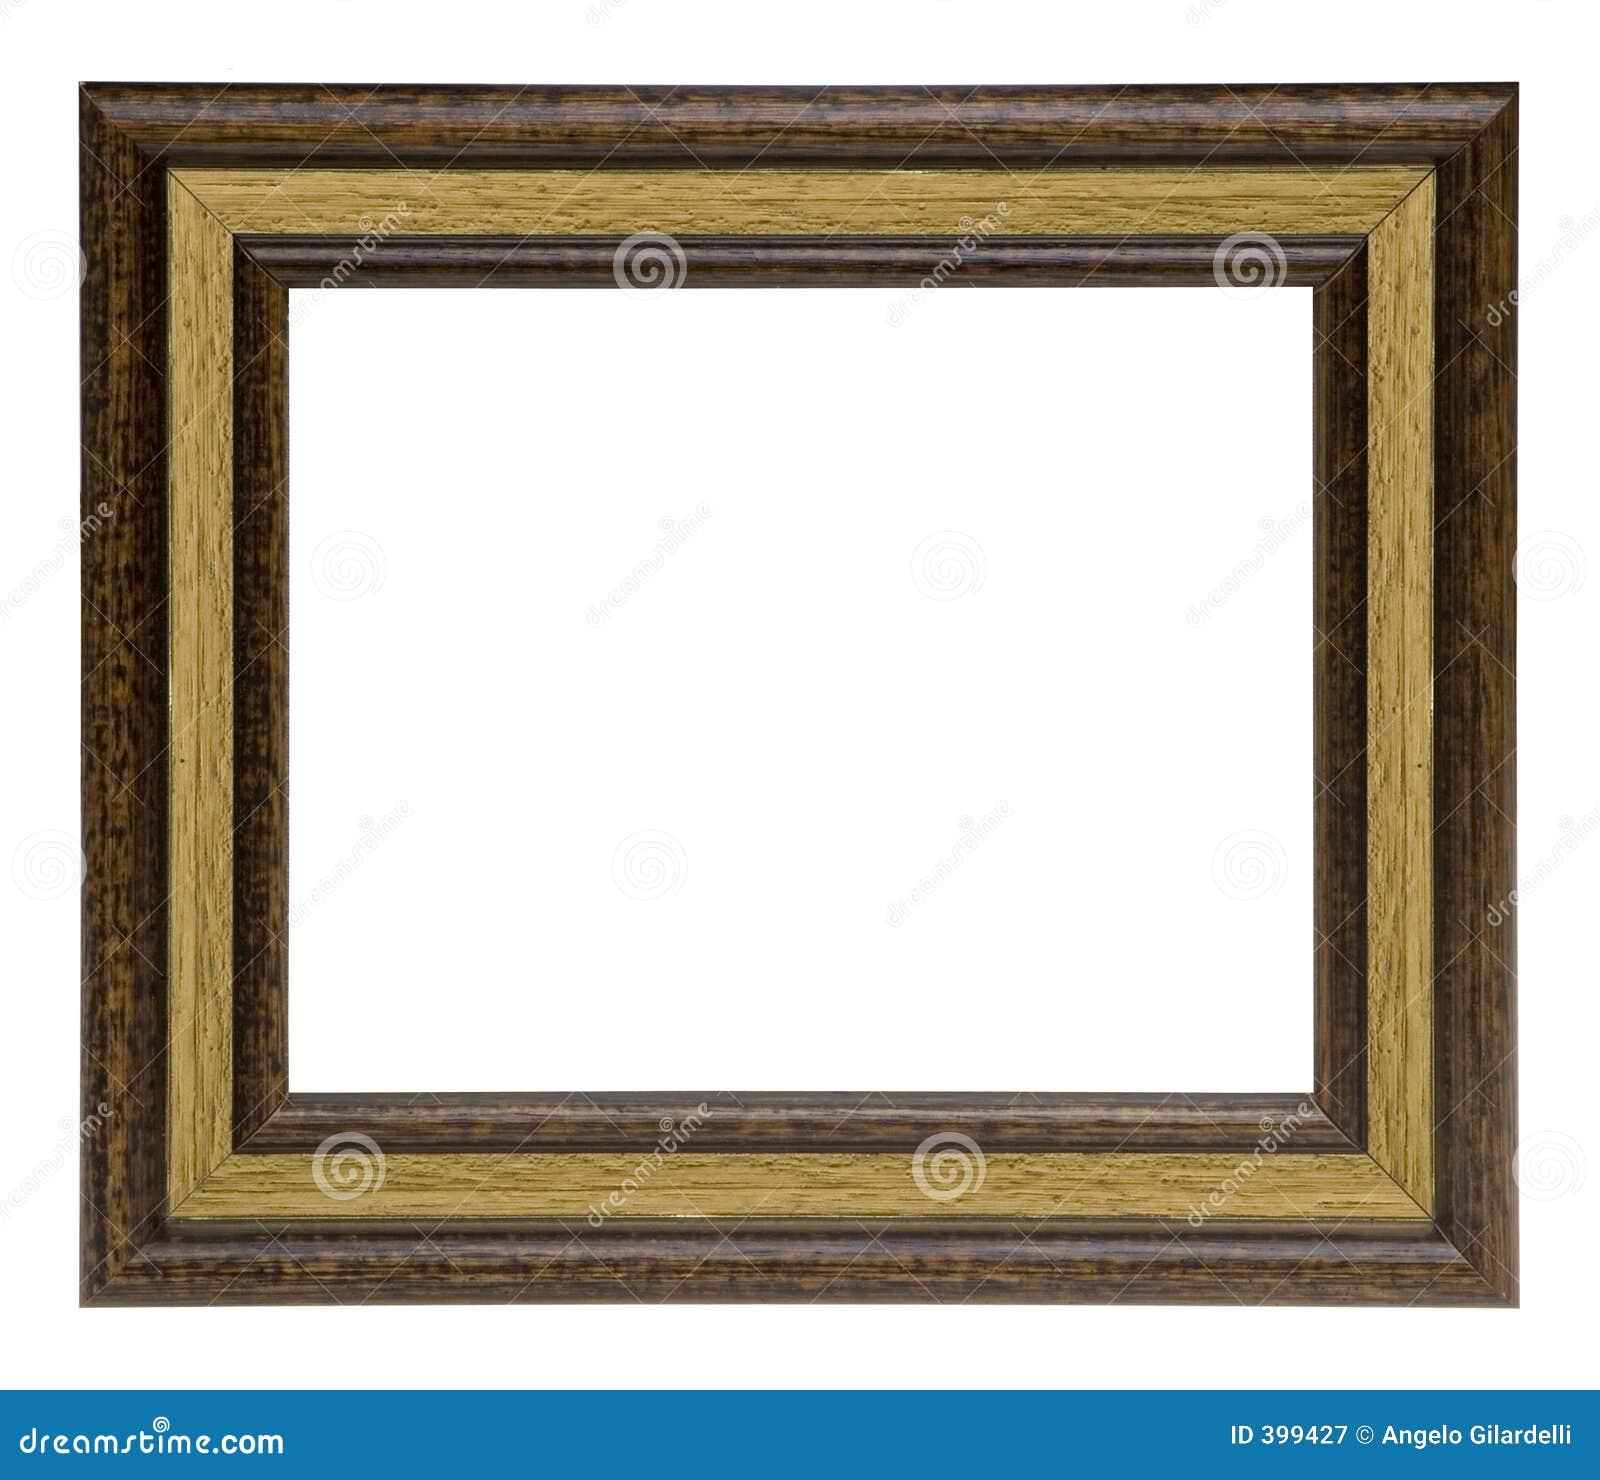 κλασικό πλαίσιο ξύλινο